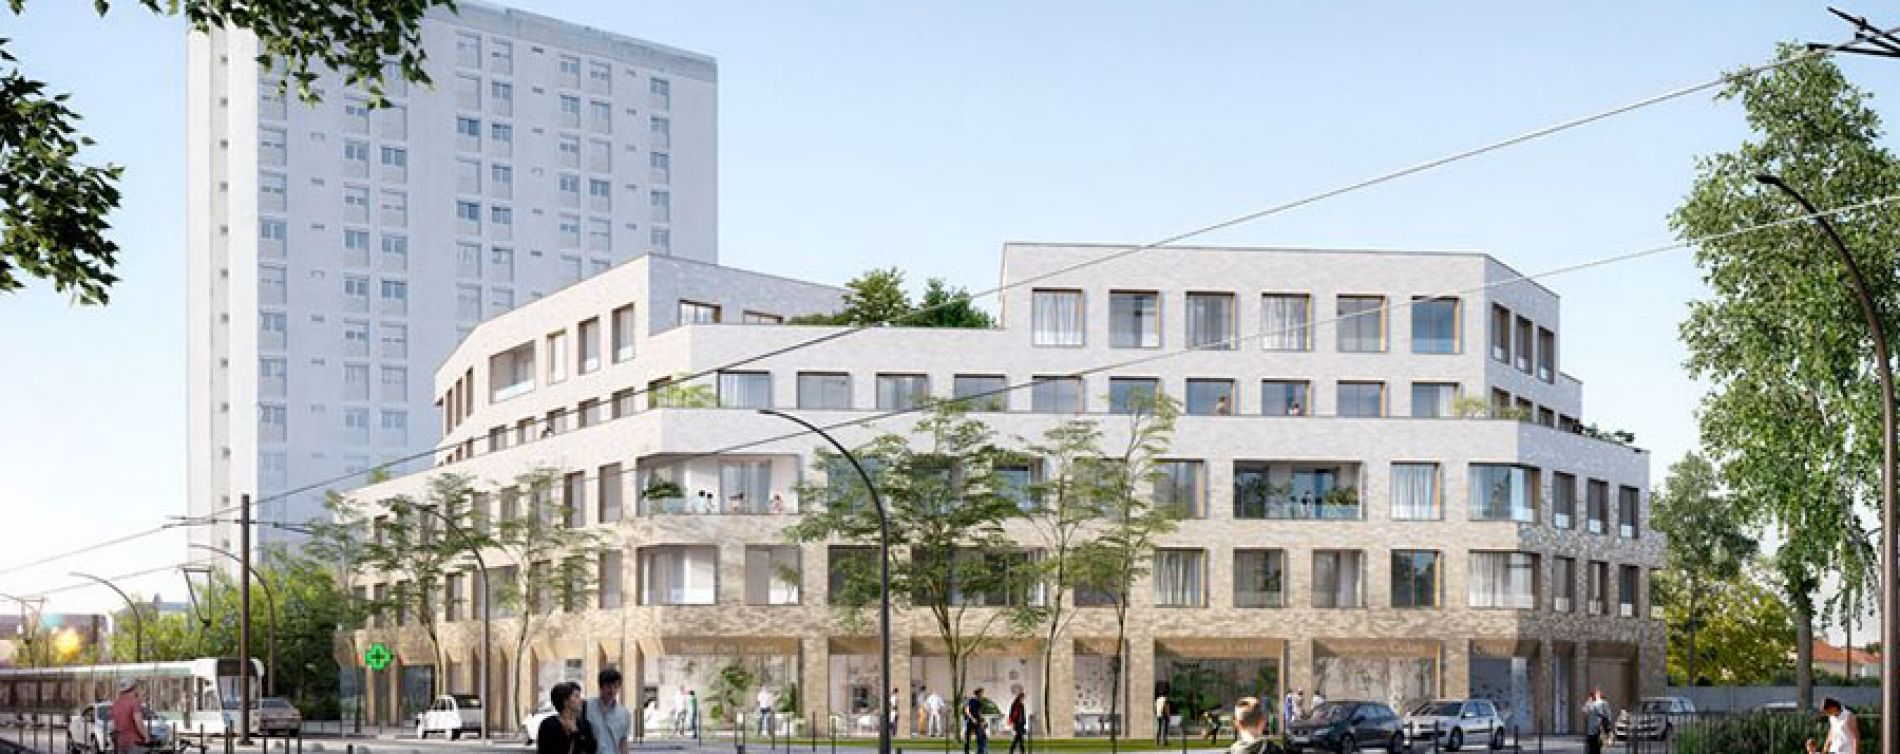 Résidence Bel & Co à Nantes